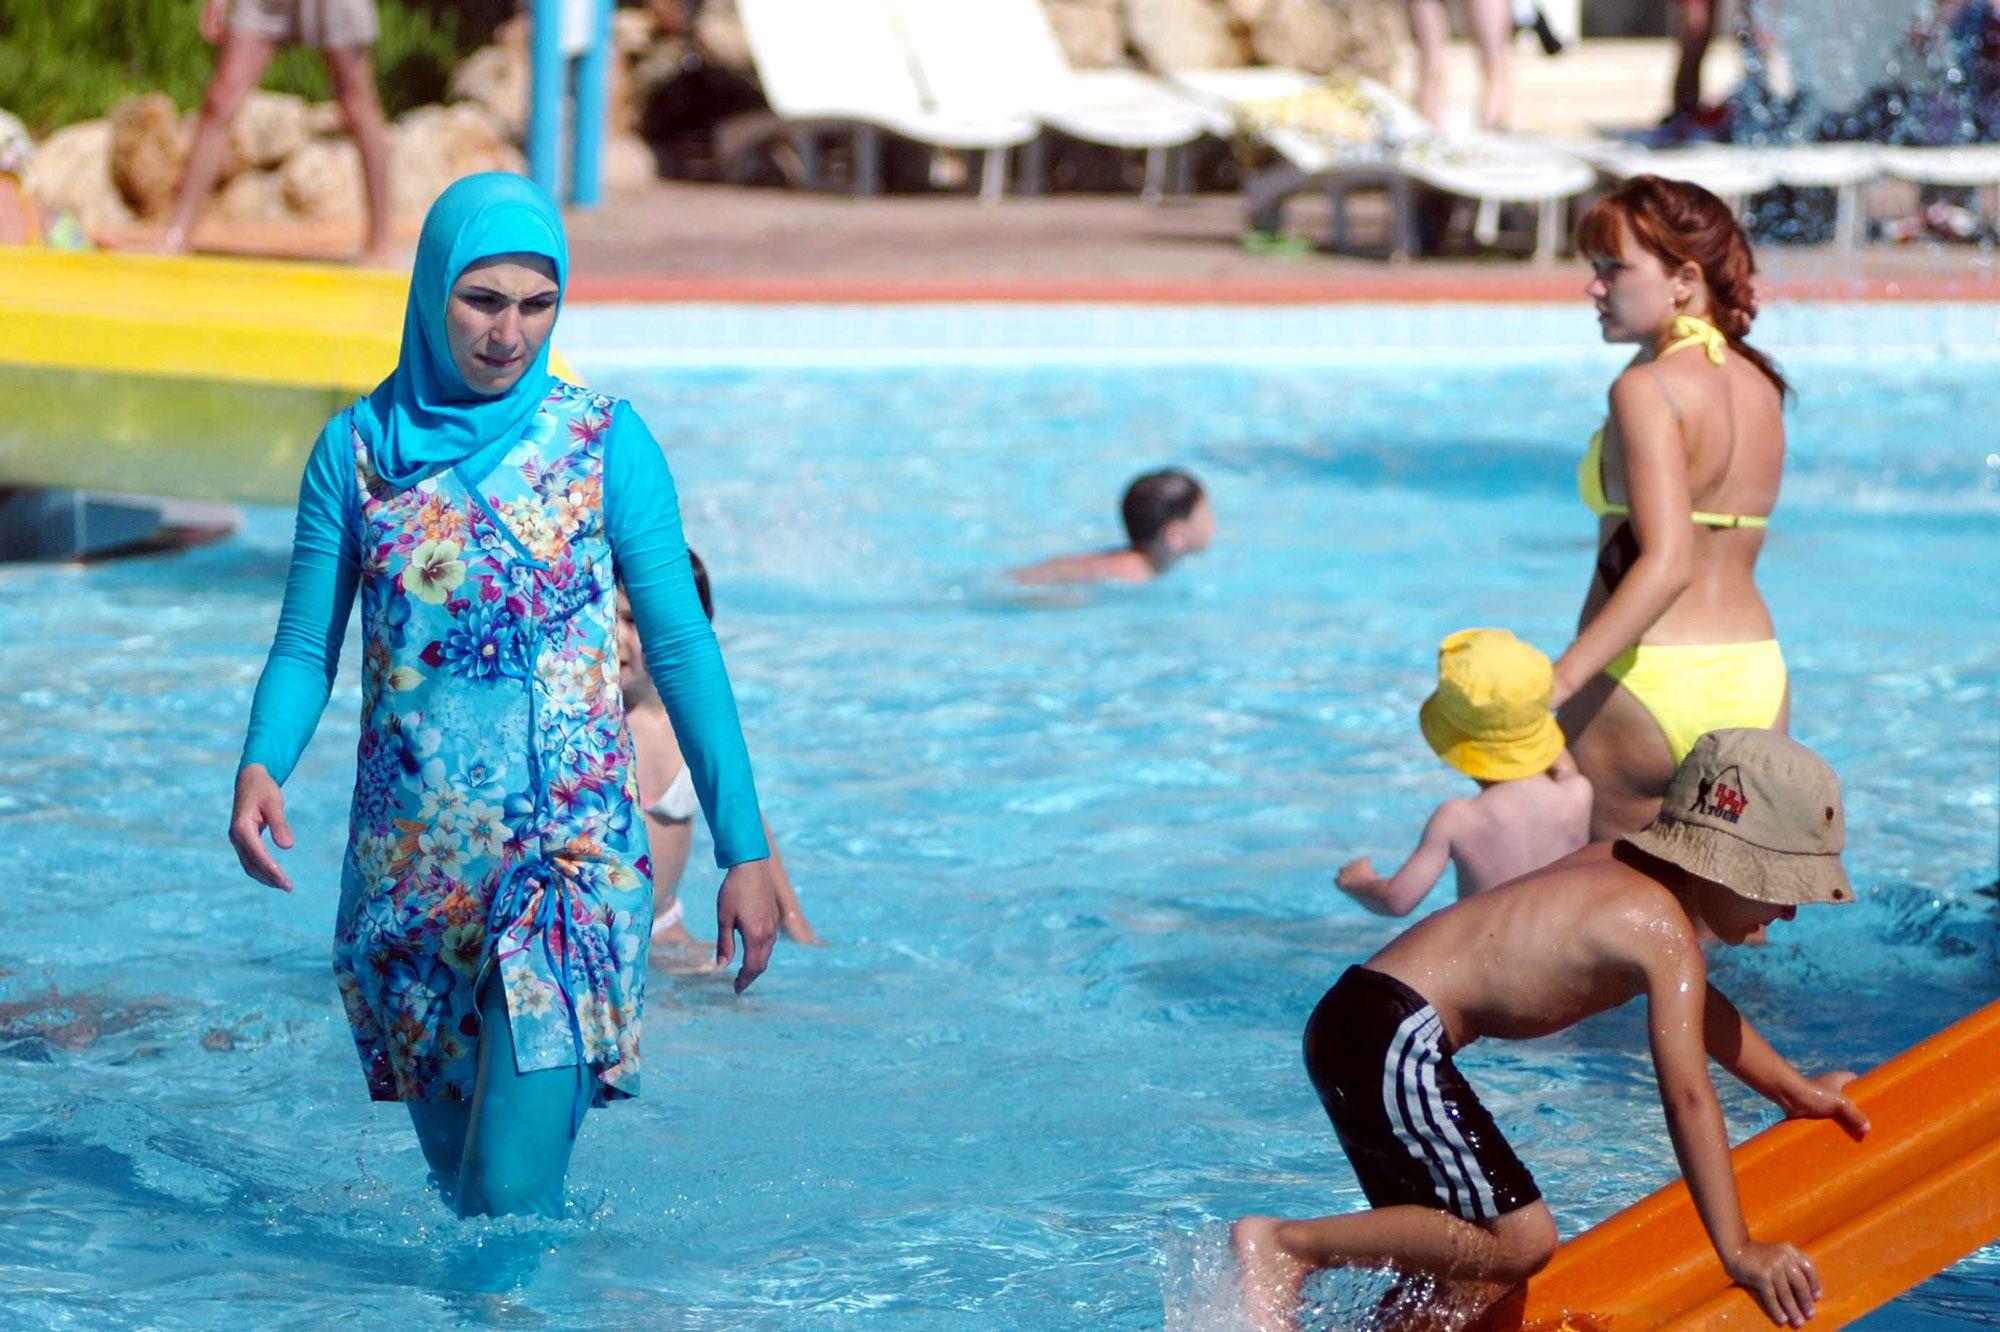 Exigen multa a piscina de Granada por expulsar a mujeres en burkini